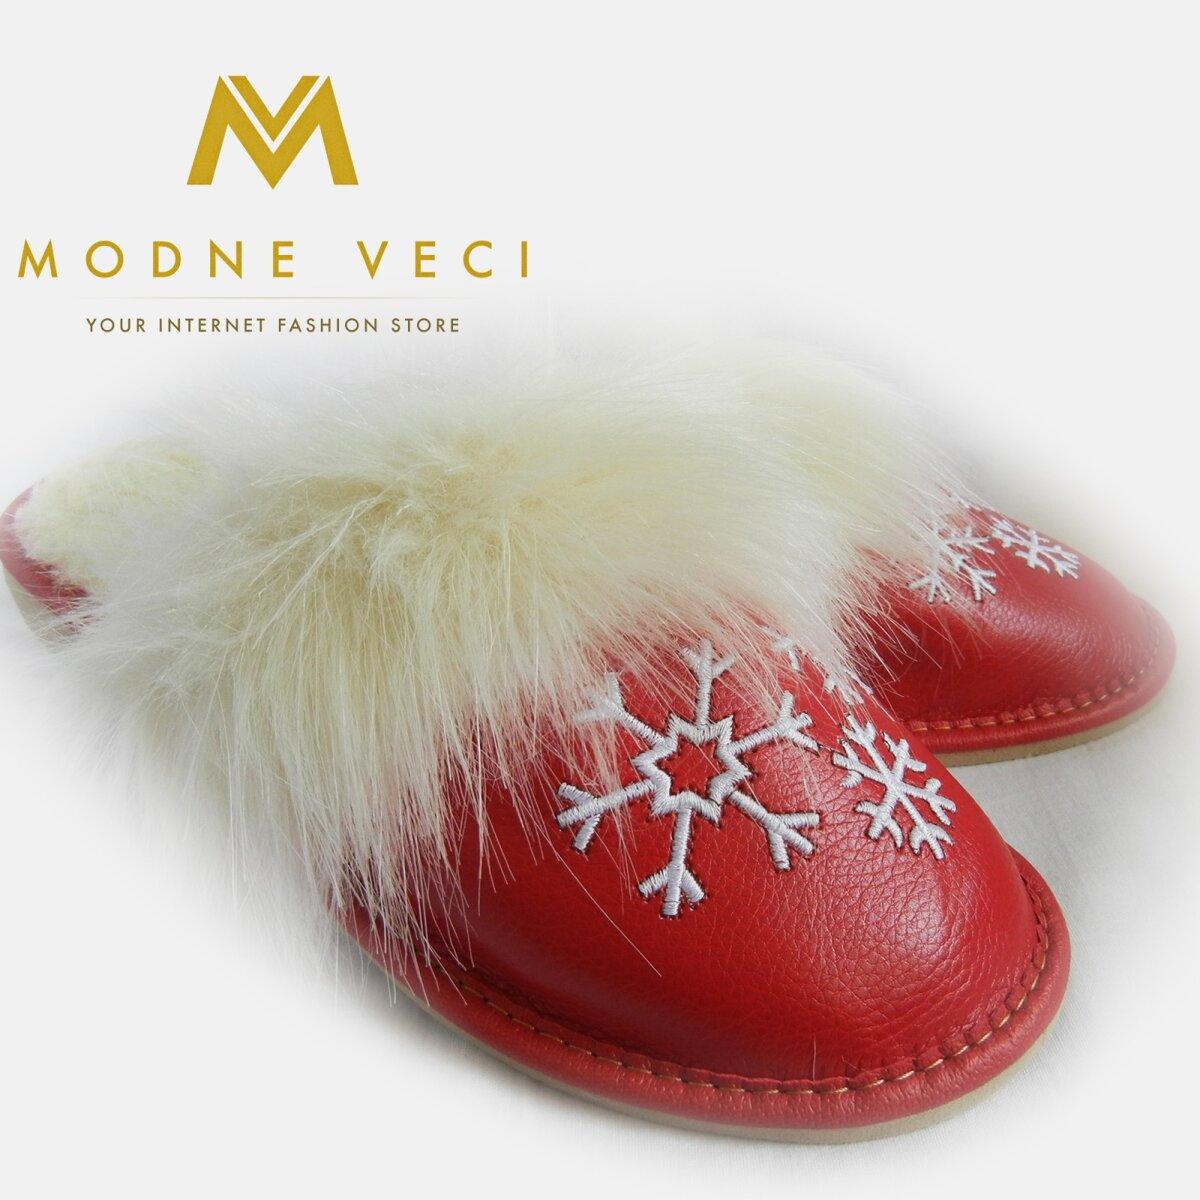 Kožené papučky v červenej farbe s bielou výšivkou. Okolo sa nachádzajú biele vlásky. Vnútro sú oteplené. S otvorenou pätou.